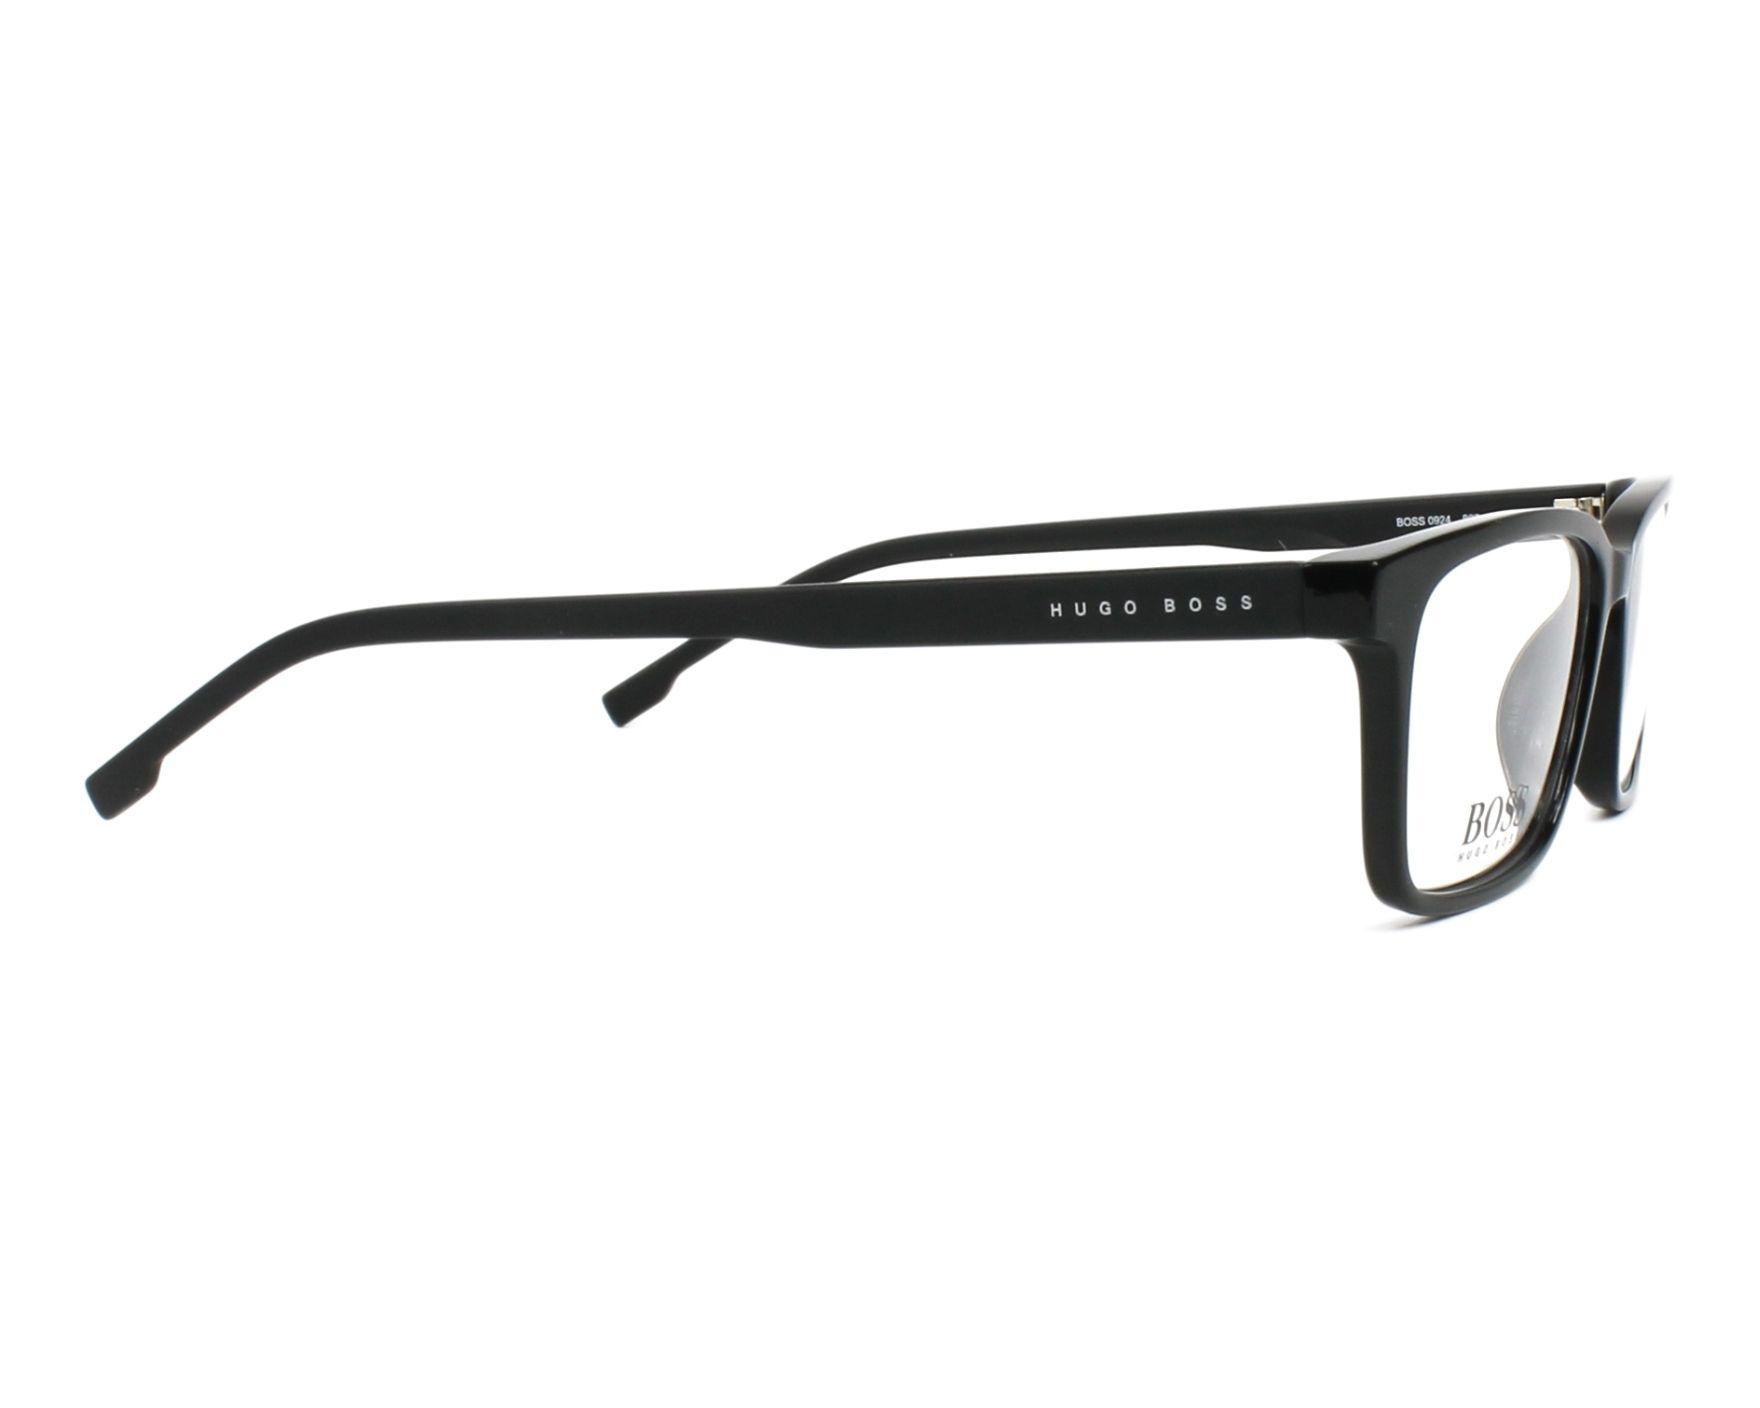 3c1774dbd4 eyeglasses Hugo Boss BOSS-0924 807 51-15 Black Black side view